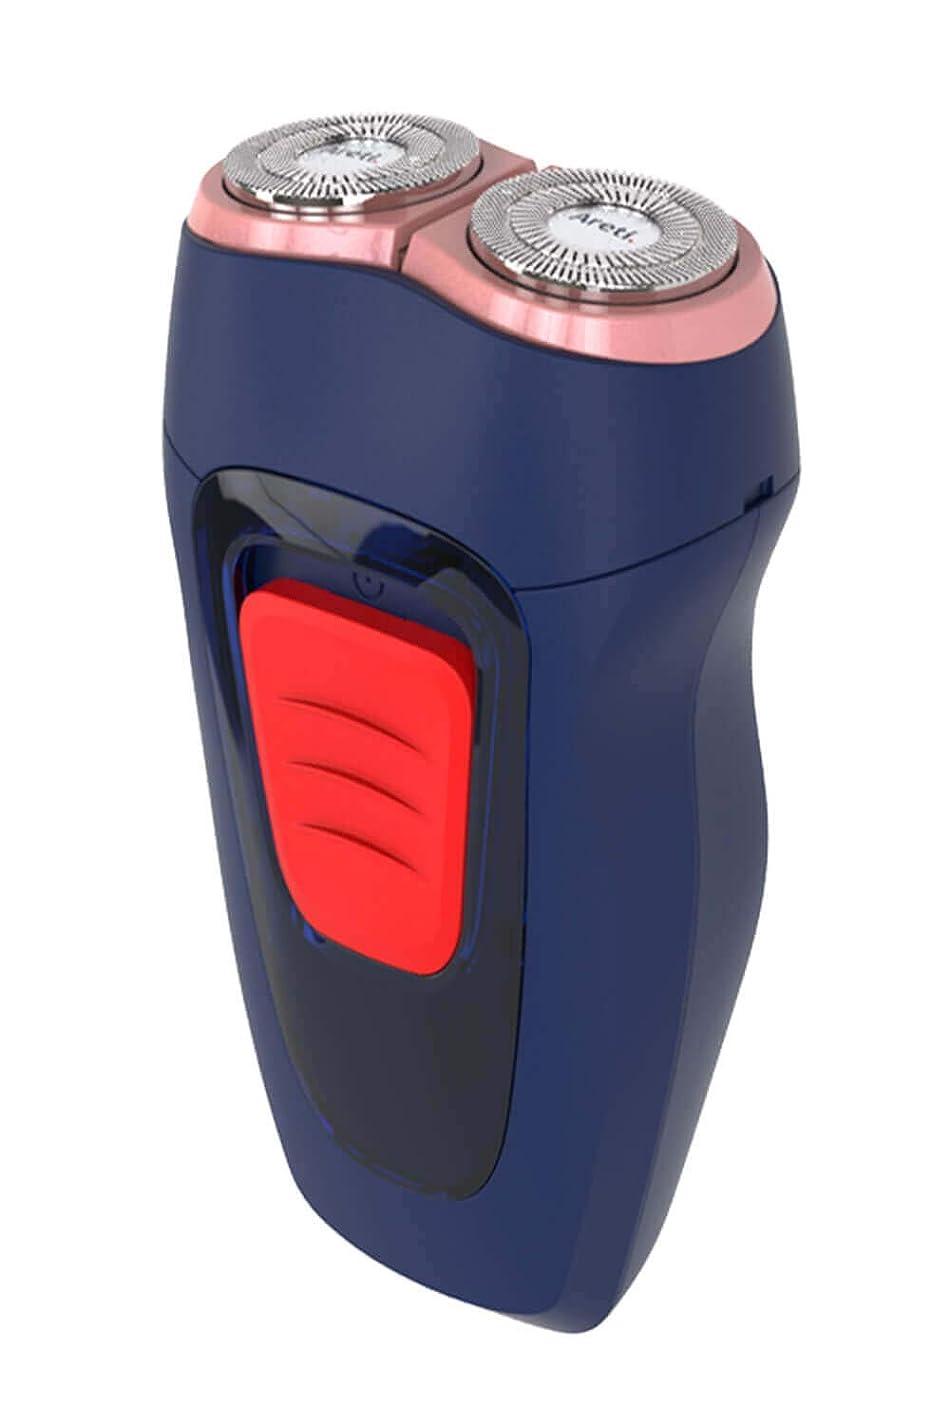 側面気づかないバスケットボールAreti【日本公式販売品】シェーバー USB充電 インディゴ 1年保証 2ヘッド 回転式 収納袋 付き 電動式